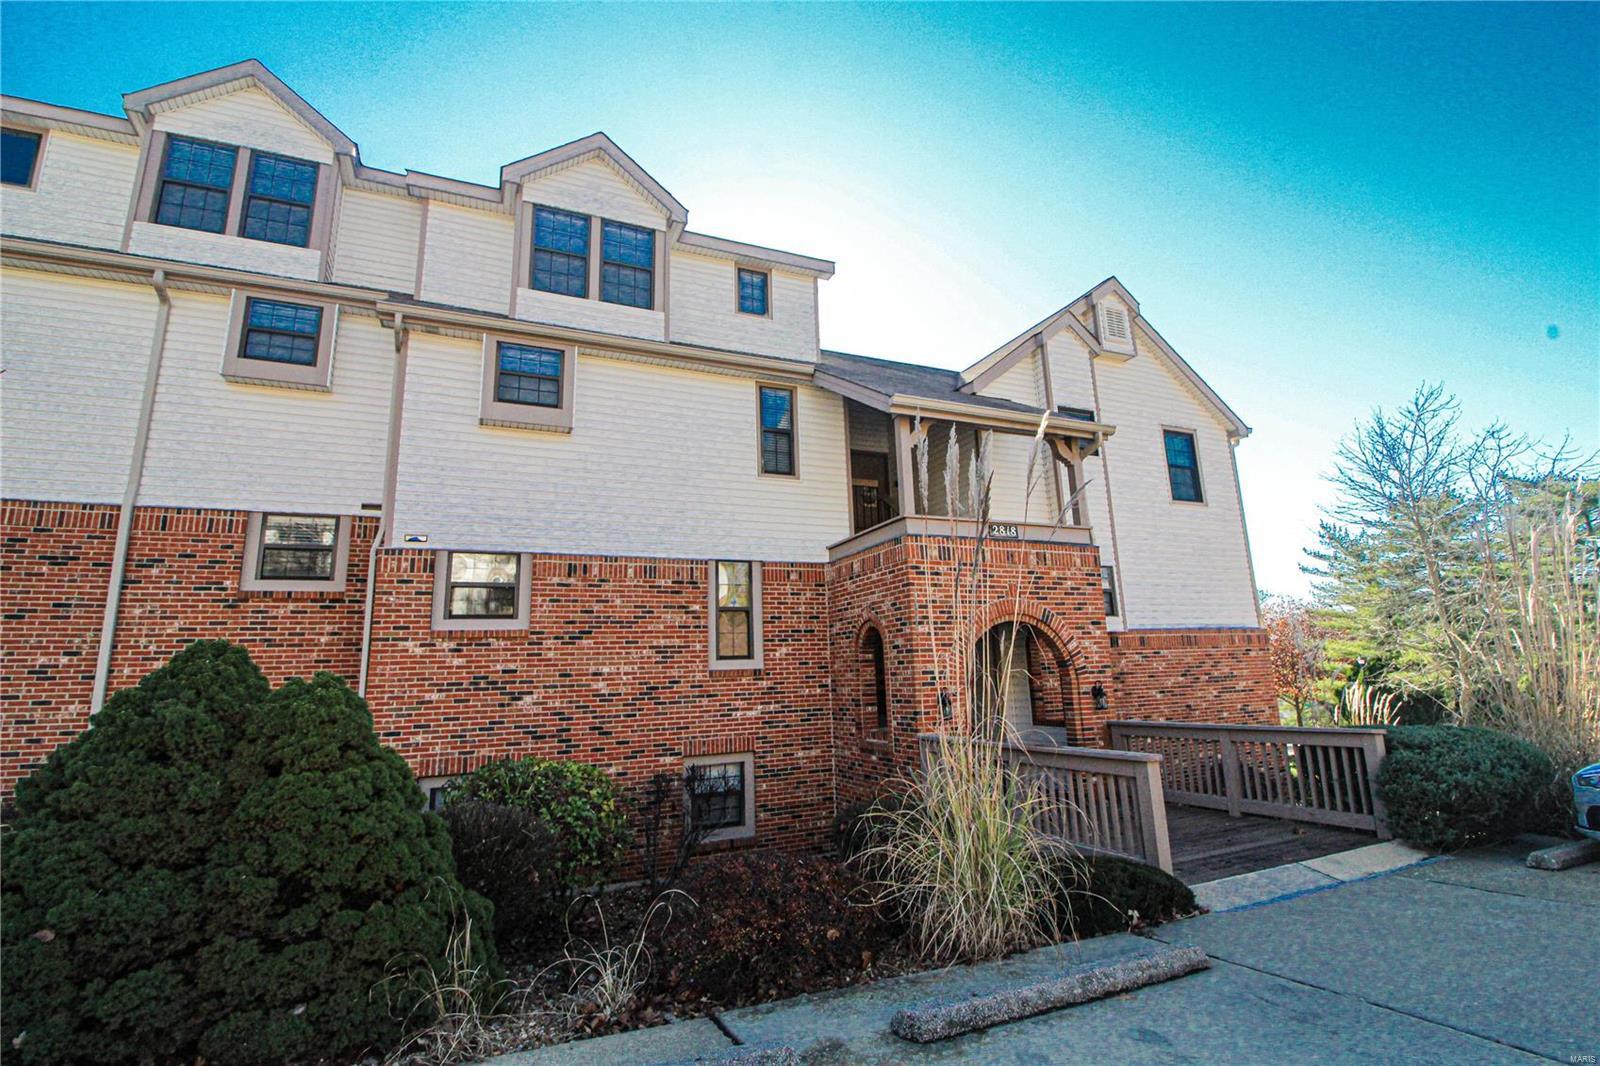 Arrowhead Condo Fourth Amd Real Estate Listings Main Image